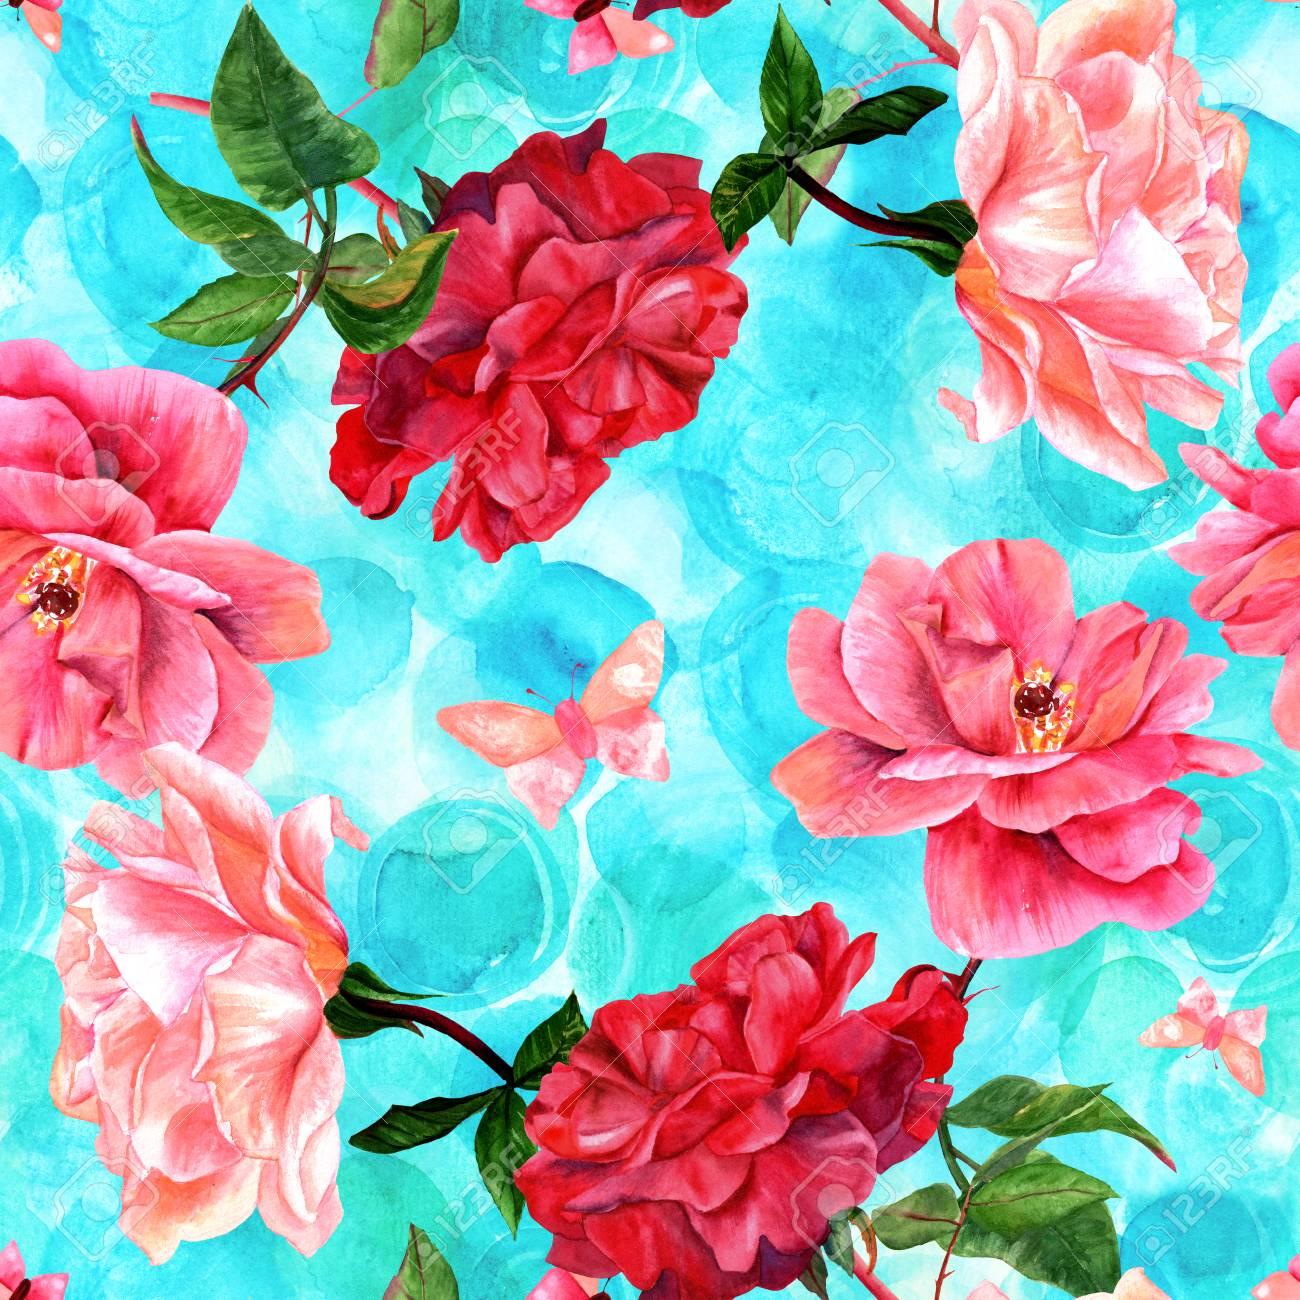 Un Patrón Sin Fisuras Con Dibujos En Acuarela De Rosas Rojas Y Rosas